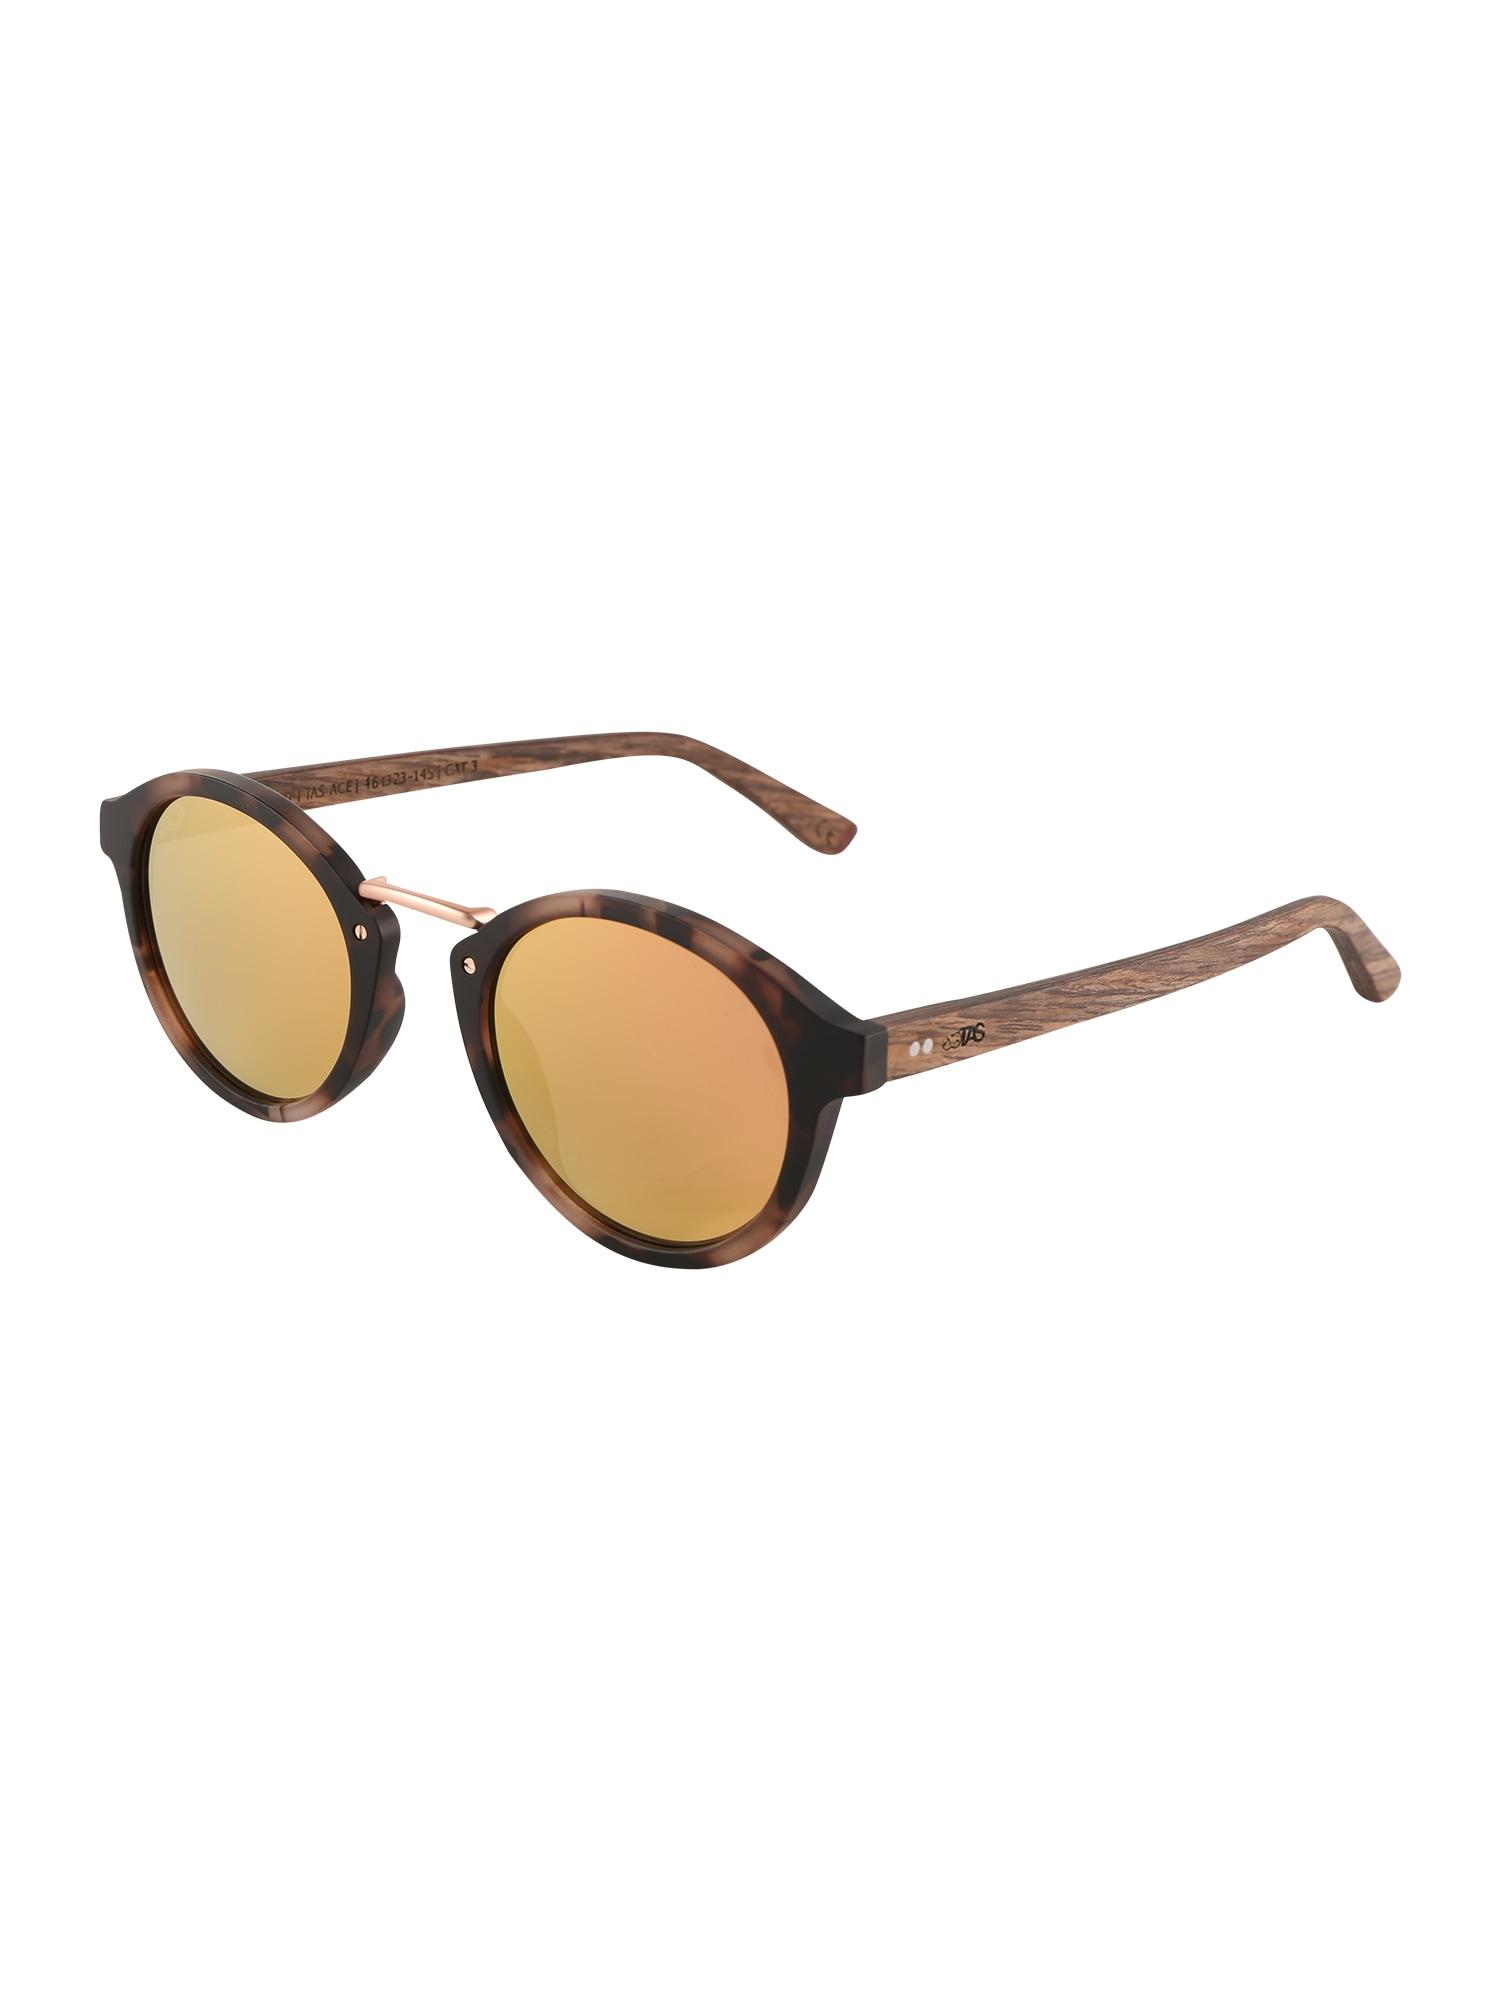 Sluneční brýle The Metall-Steg Collection krémová hnědá TAKE A SHOT